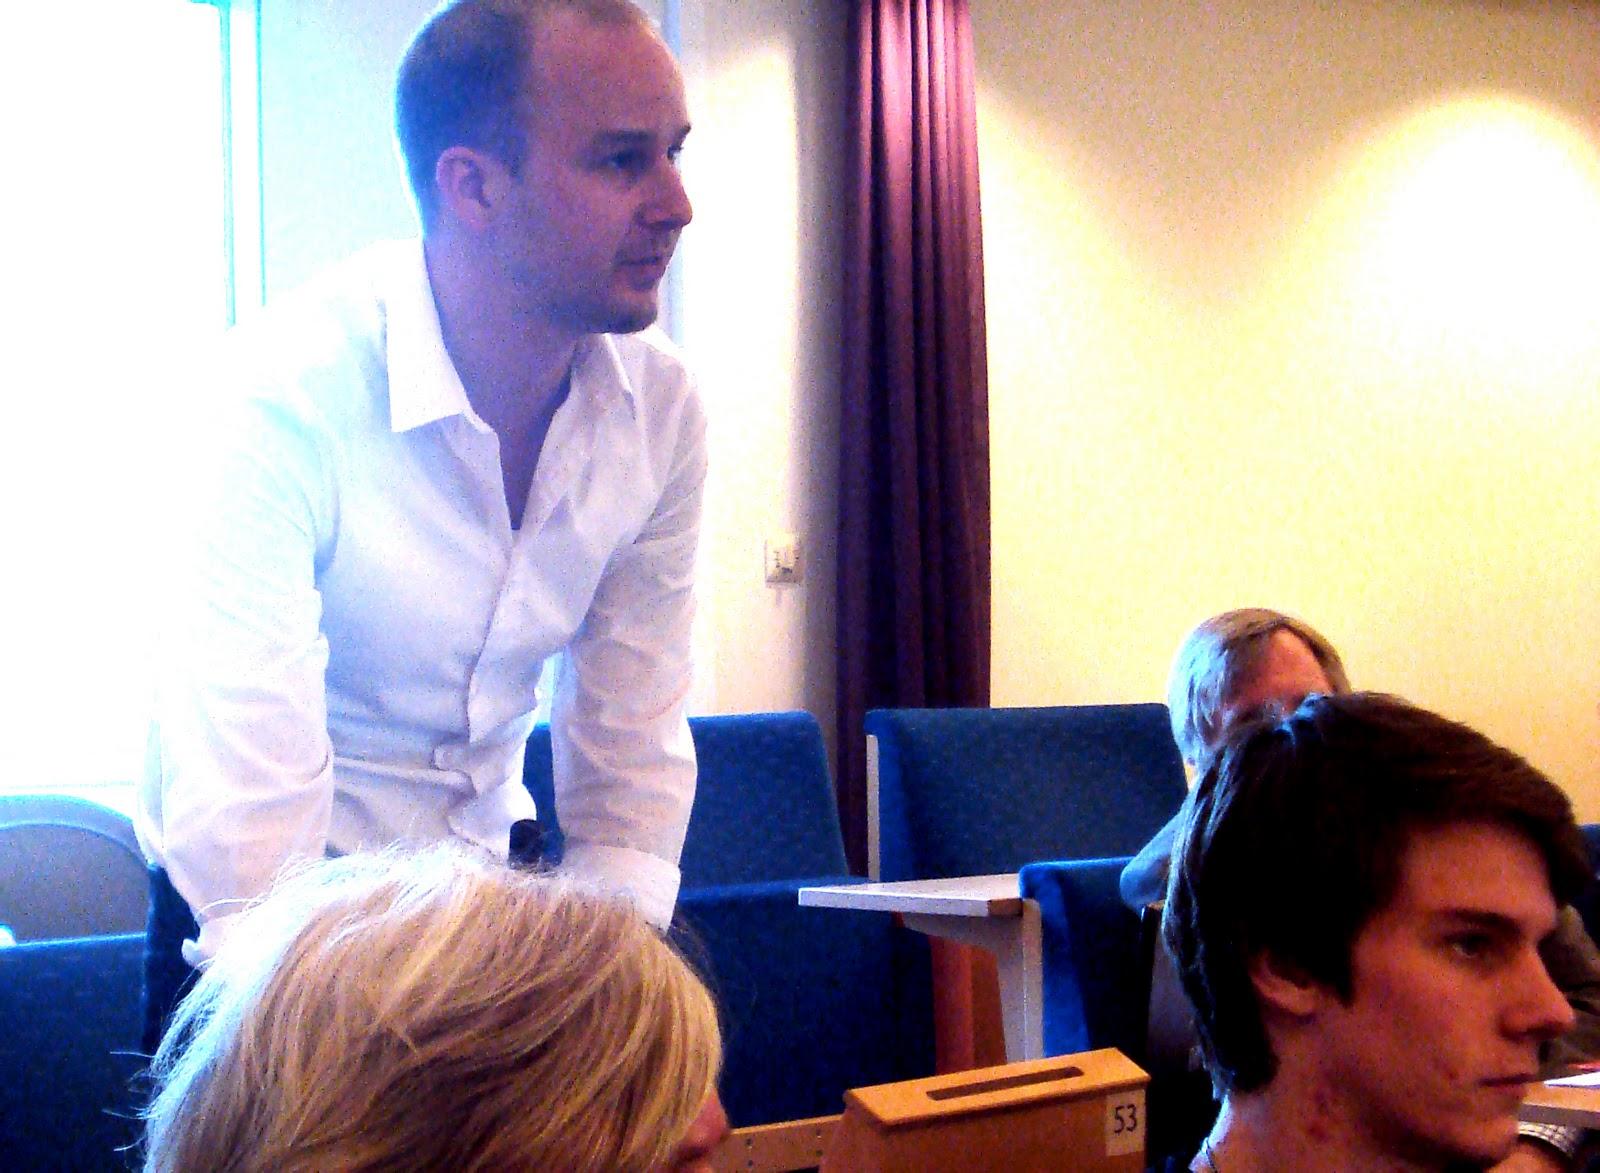 escort västerhaninge svenska escort homosexuell sidor